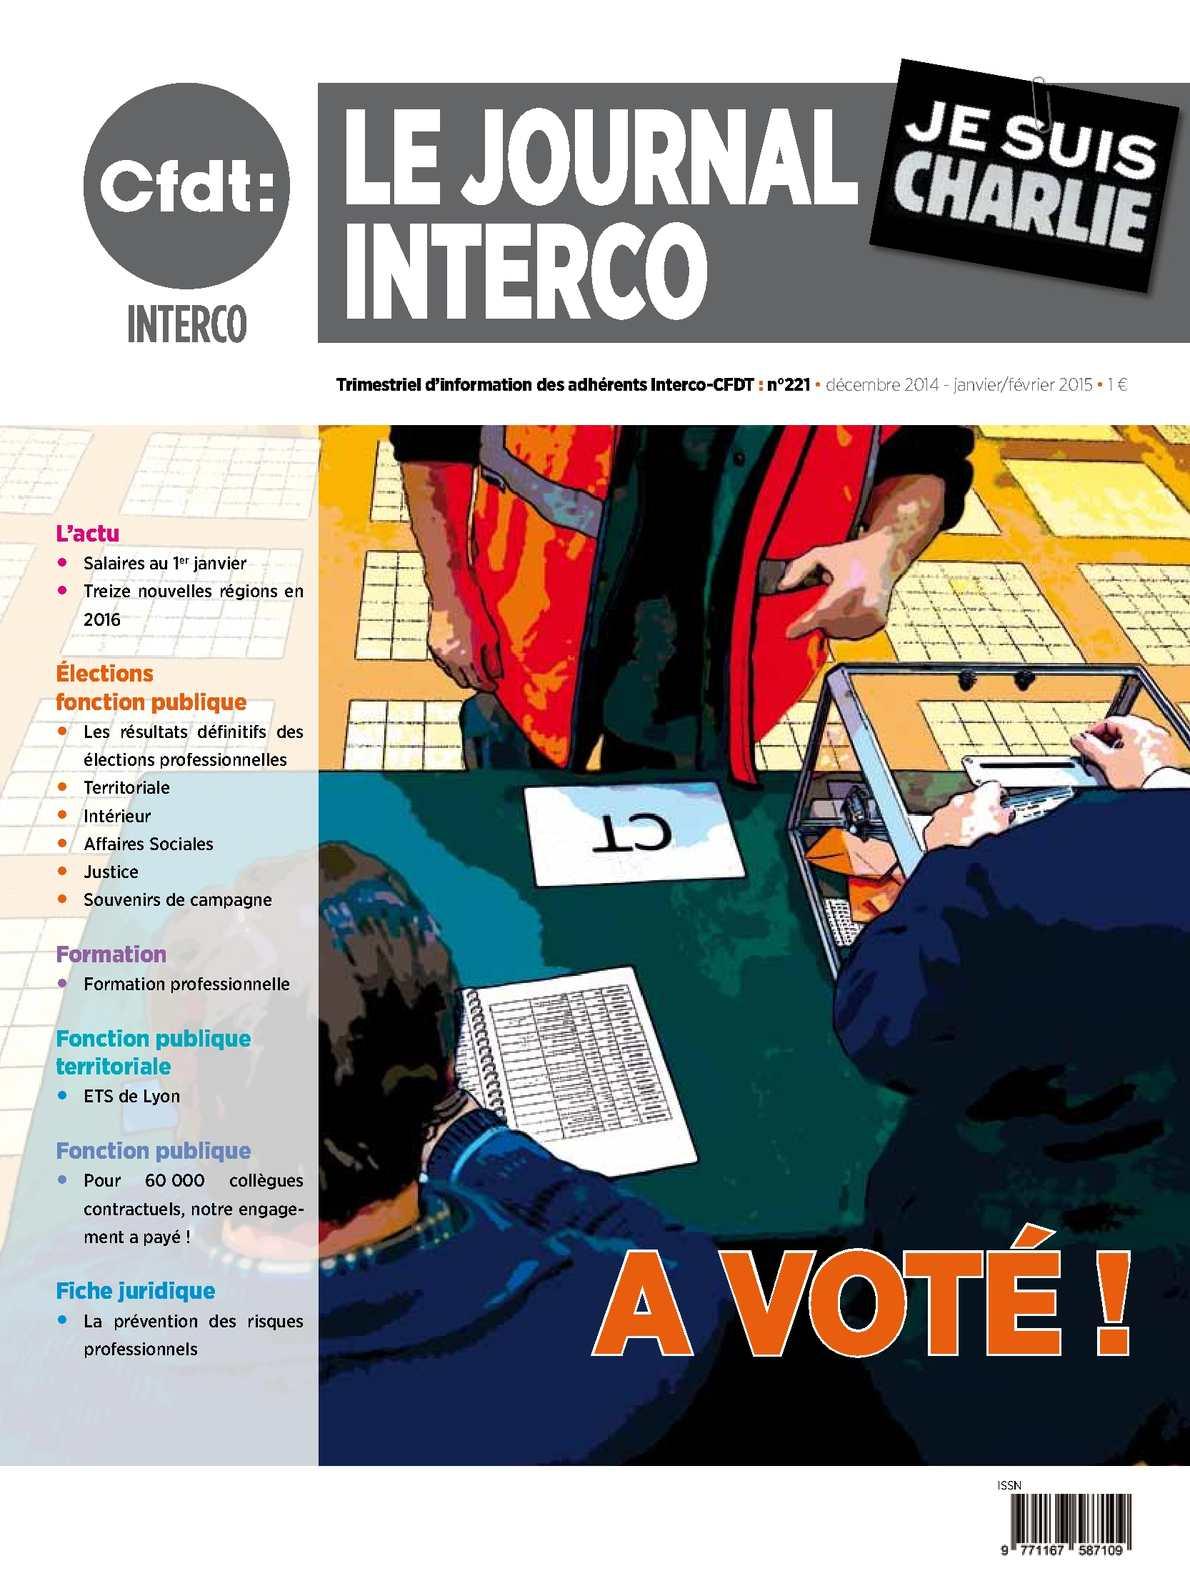 46f12387670 Calaméo - Le Journal Interco-CFDT N° 221 (décembre 2014 à février 2015)